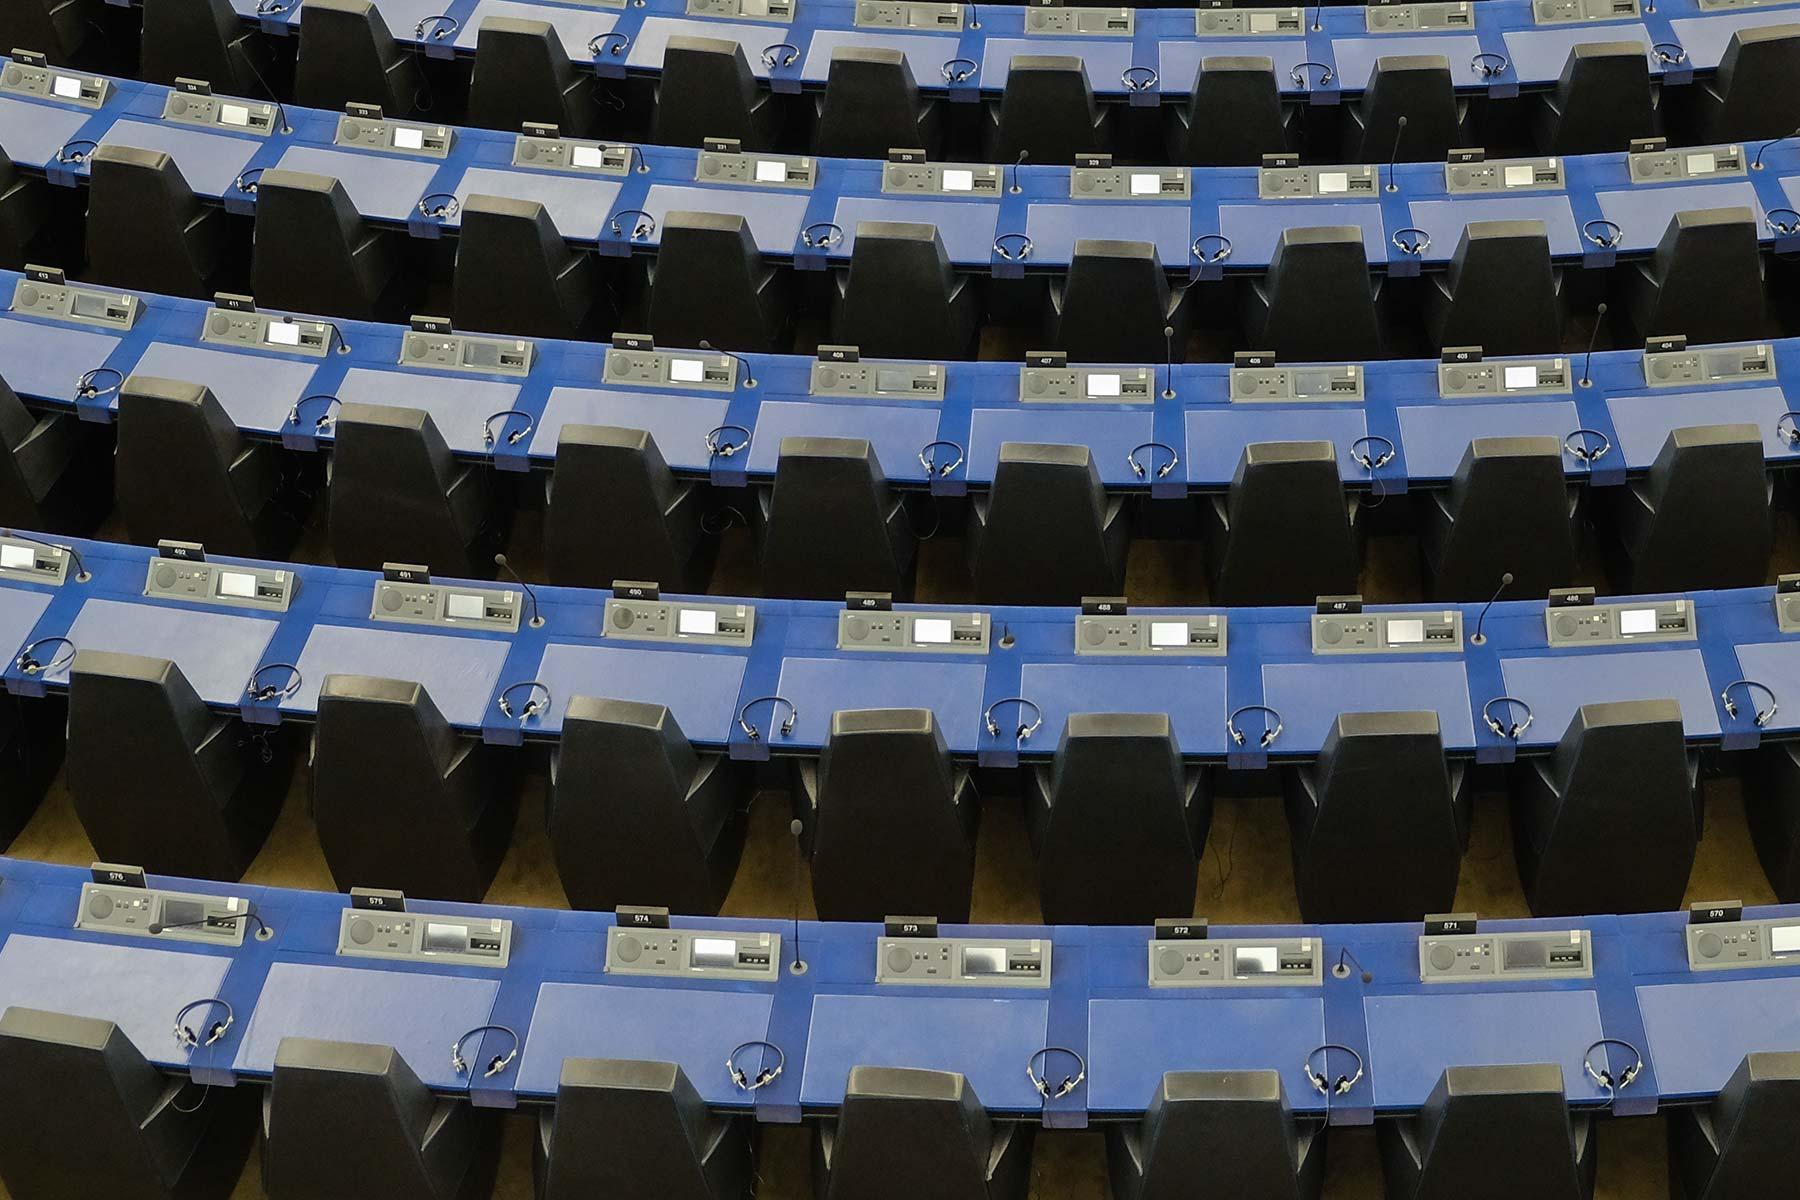 Plenarsaal im Europäischen Parlament in Straßburg